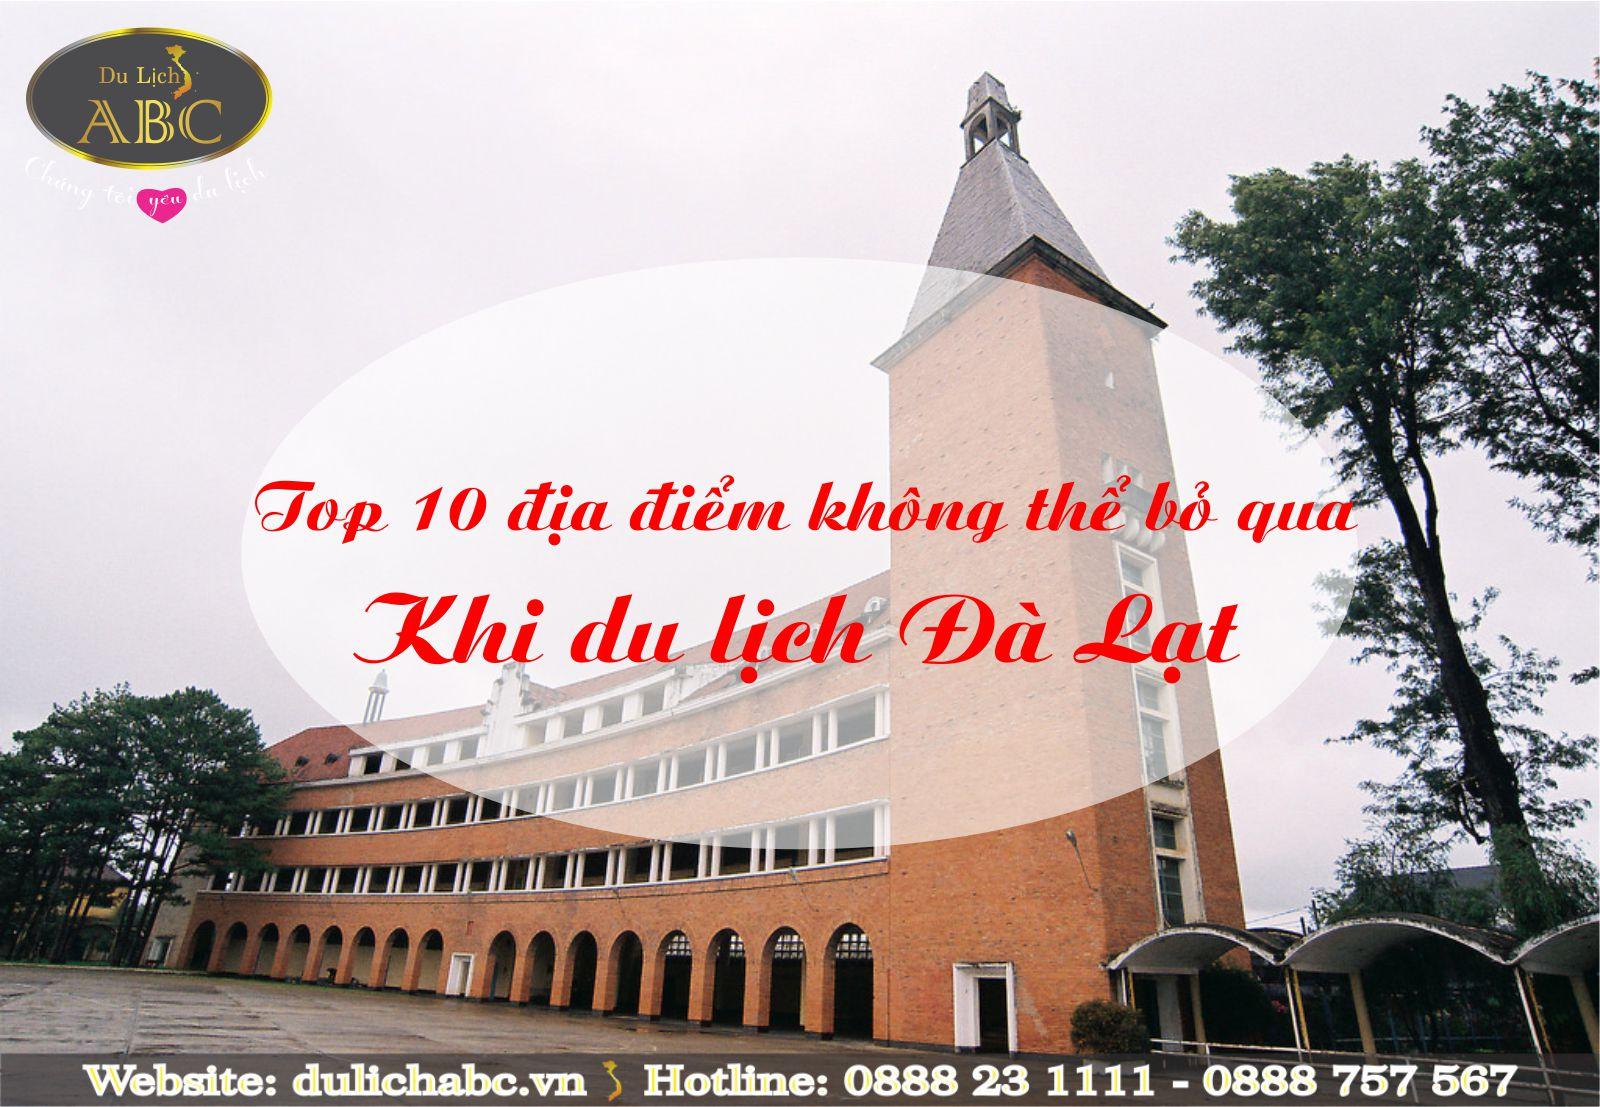 Top 10 Địa Điểm Không Thể Không Đến Khi Du Lịch ở Đà Lạt